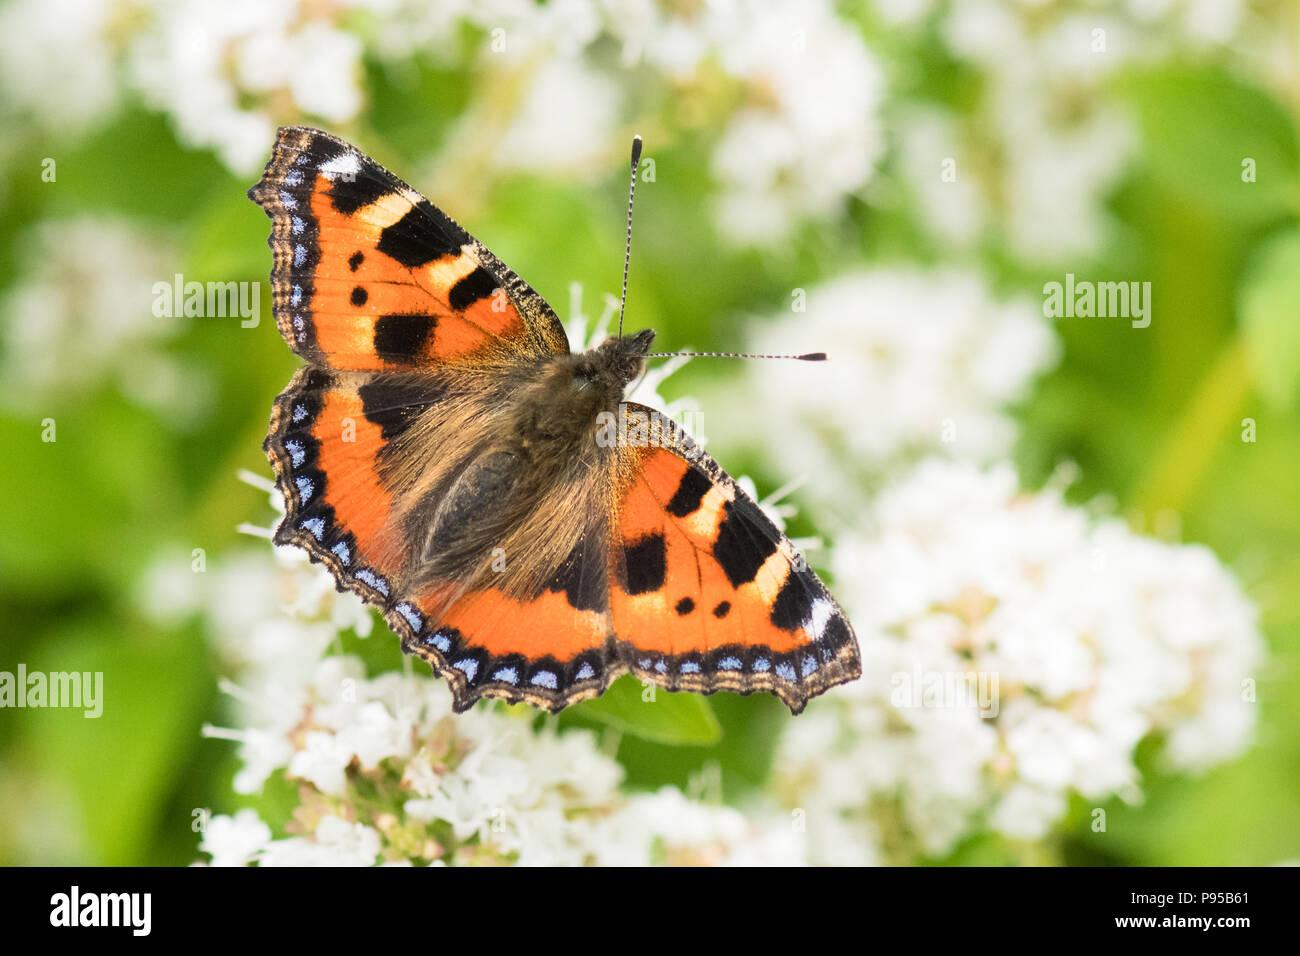 Piccola tartaruga butterfly (Aglais urticae) alimentazione su bianco maggiorana pianta fiori nel giardino del Regno Unito Immagini Stock